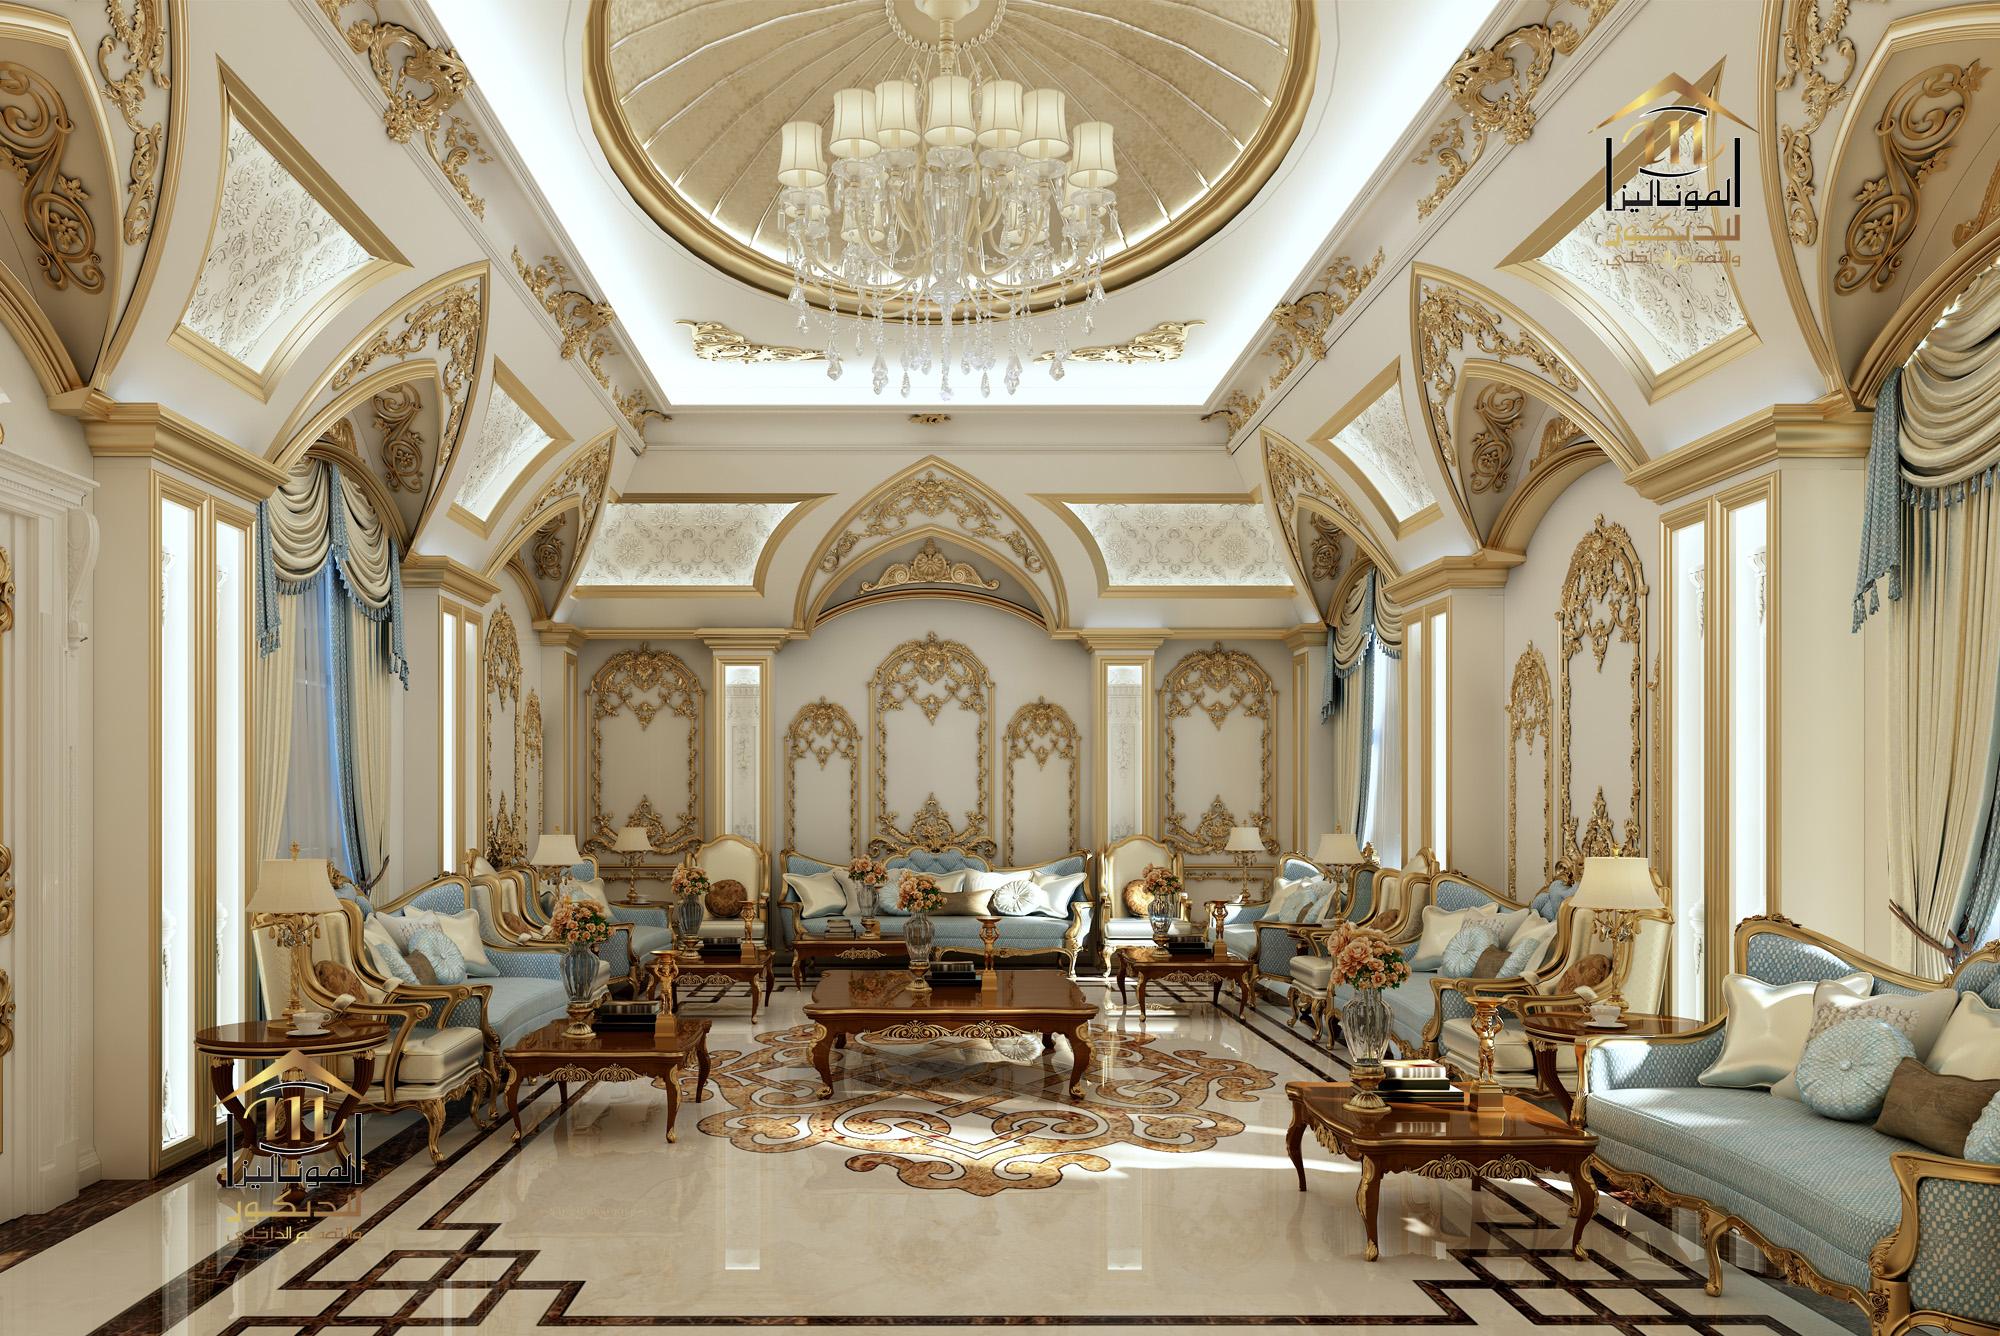 الموناليزا-للديكور-والتصميم-الداخلي-interior-design-decortion